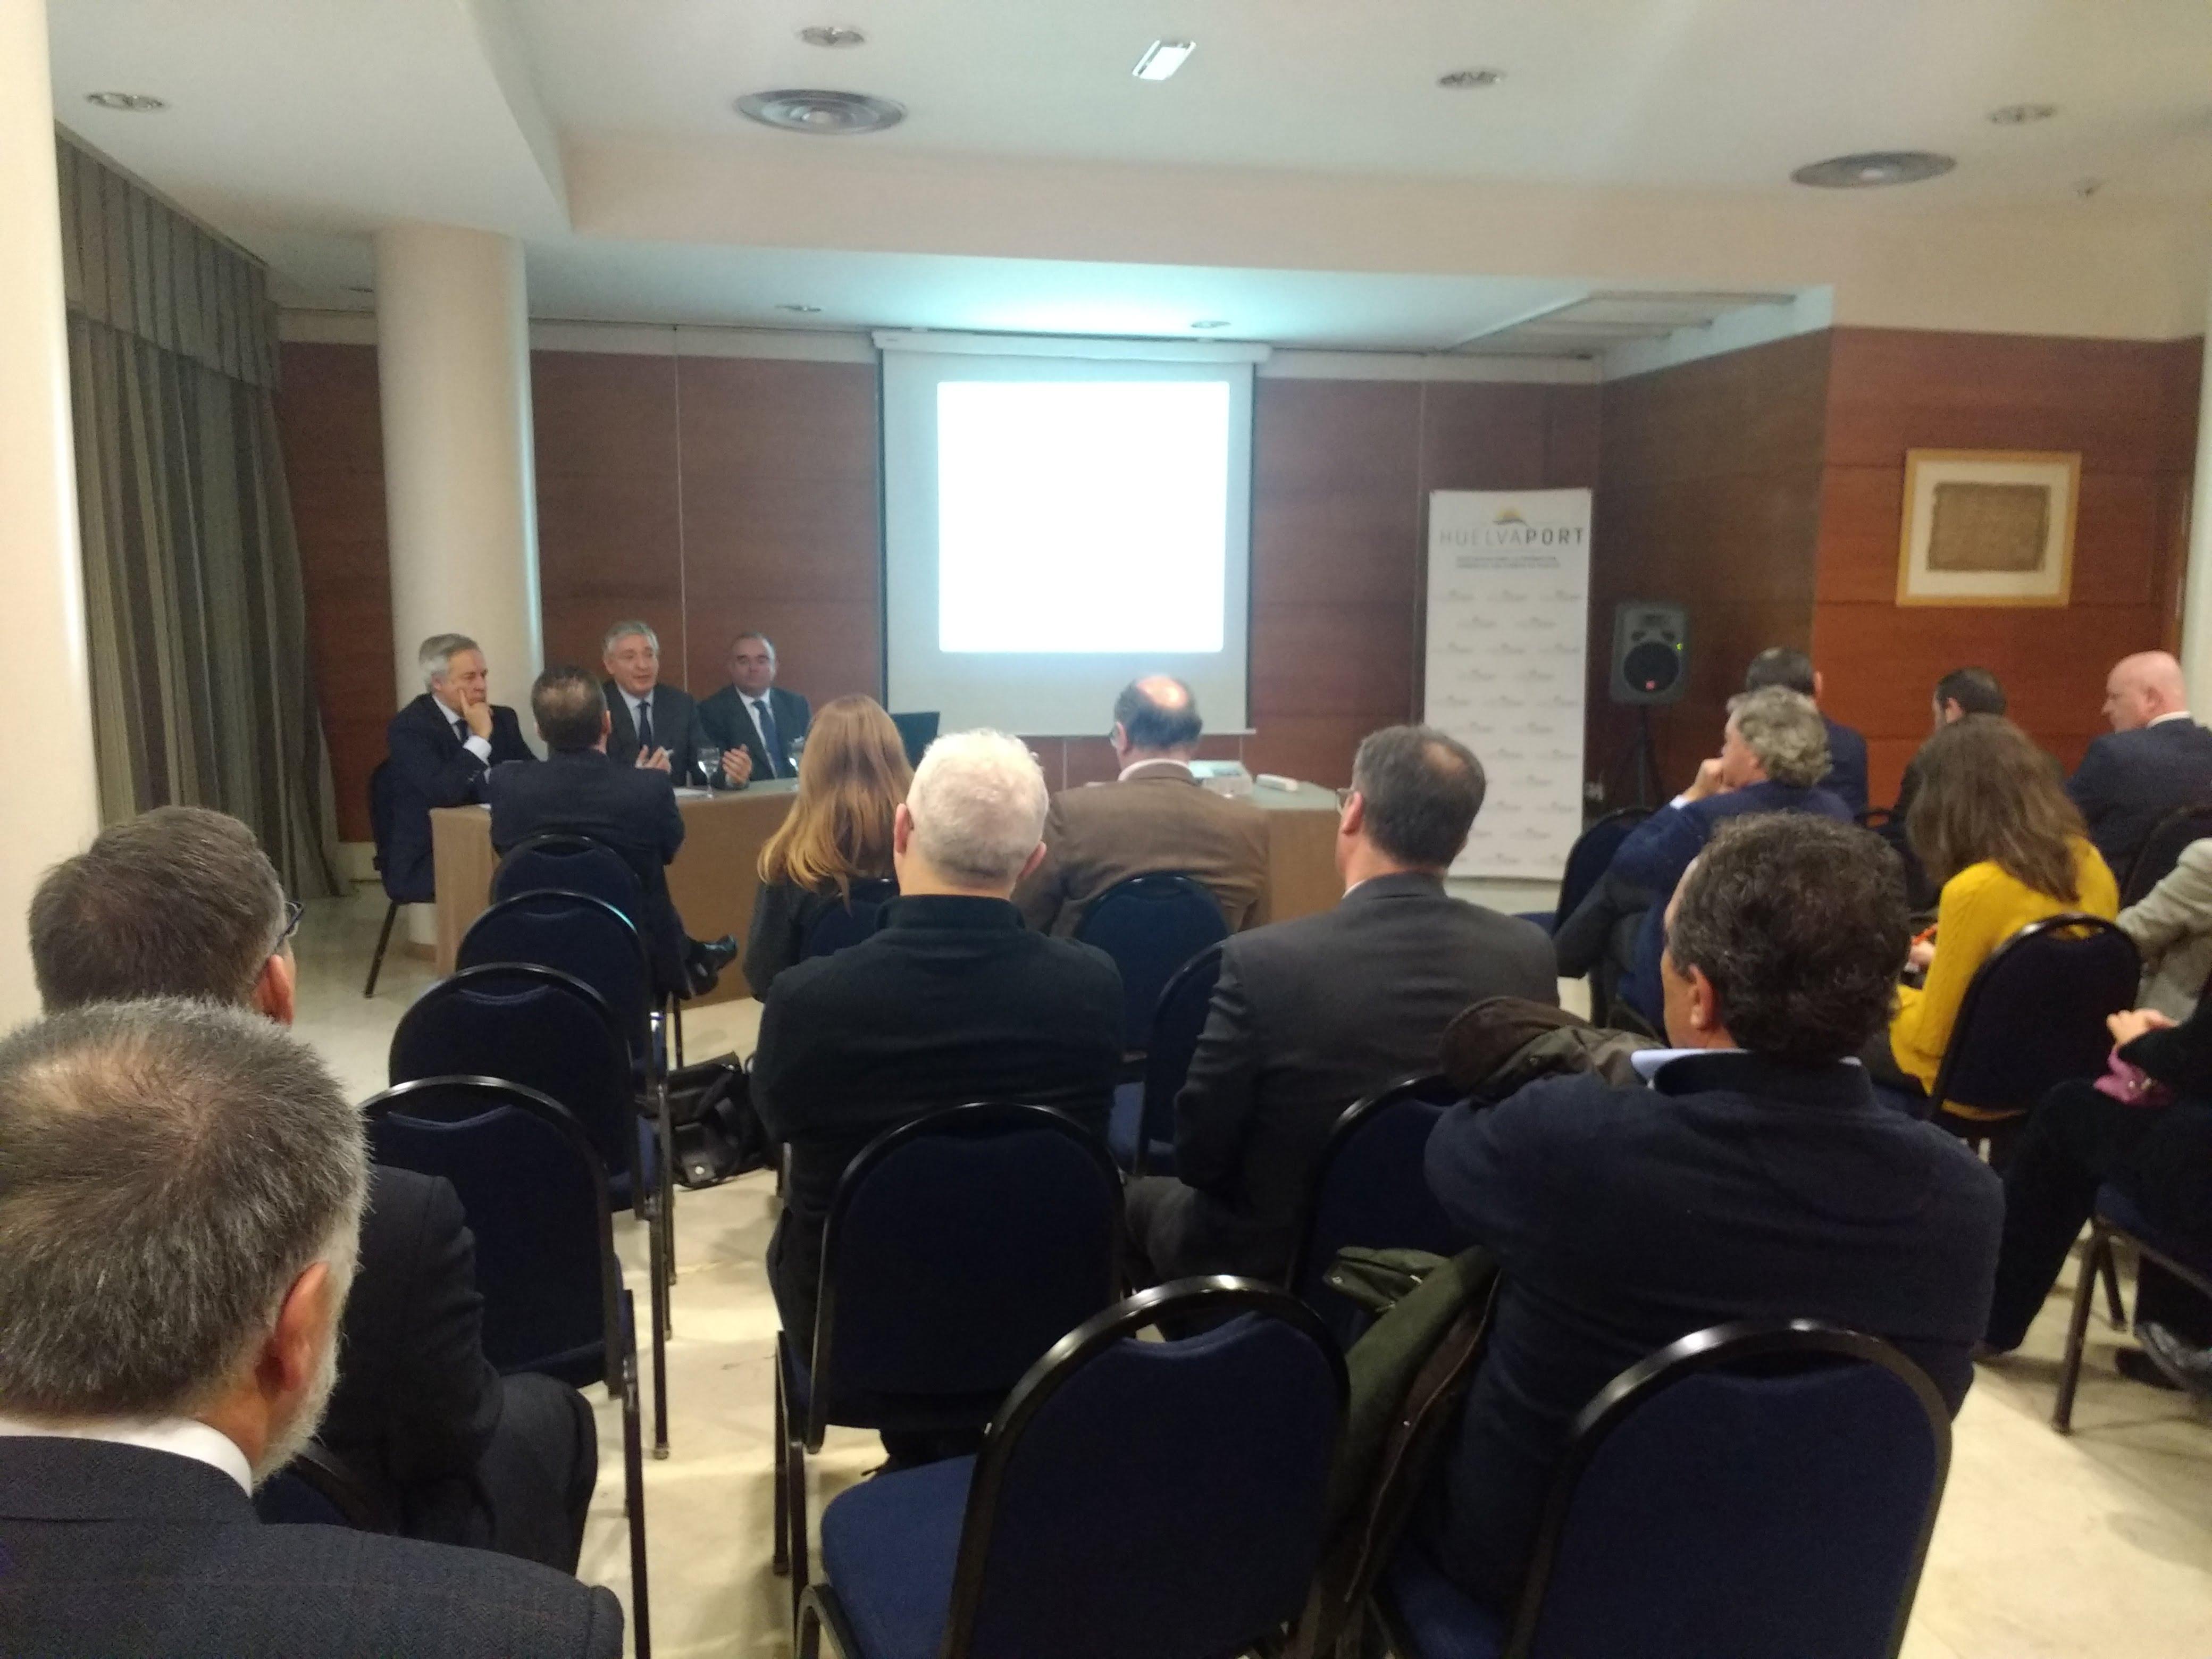 Presentación del Puerto de Huelva en Coslada